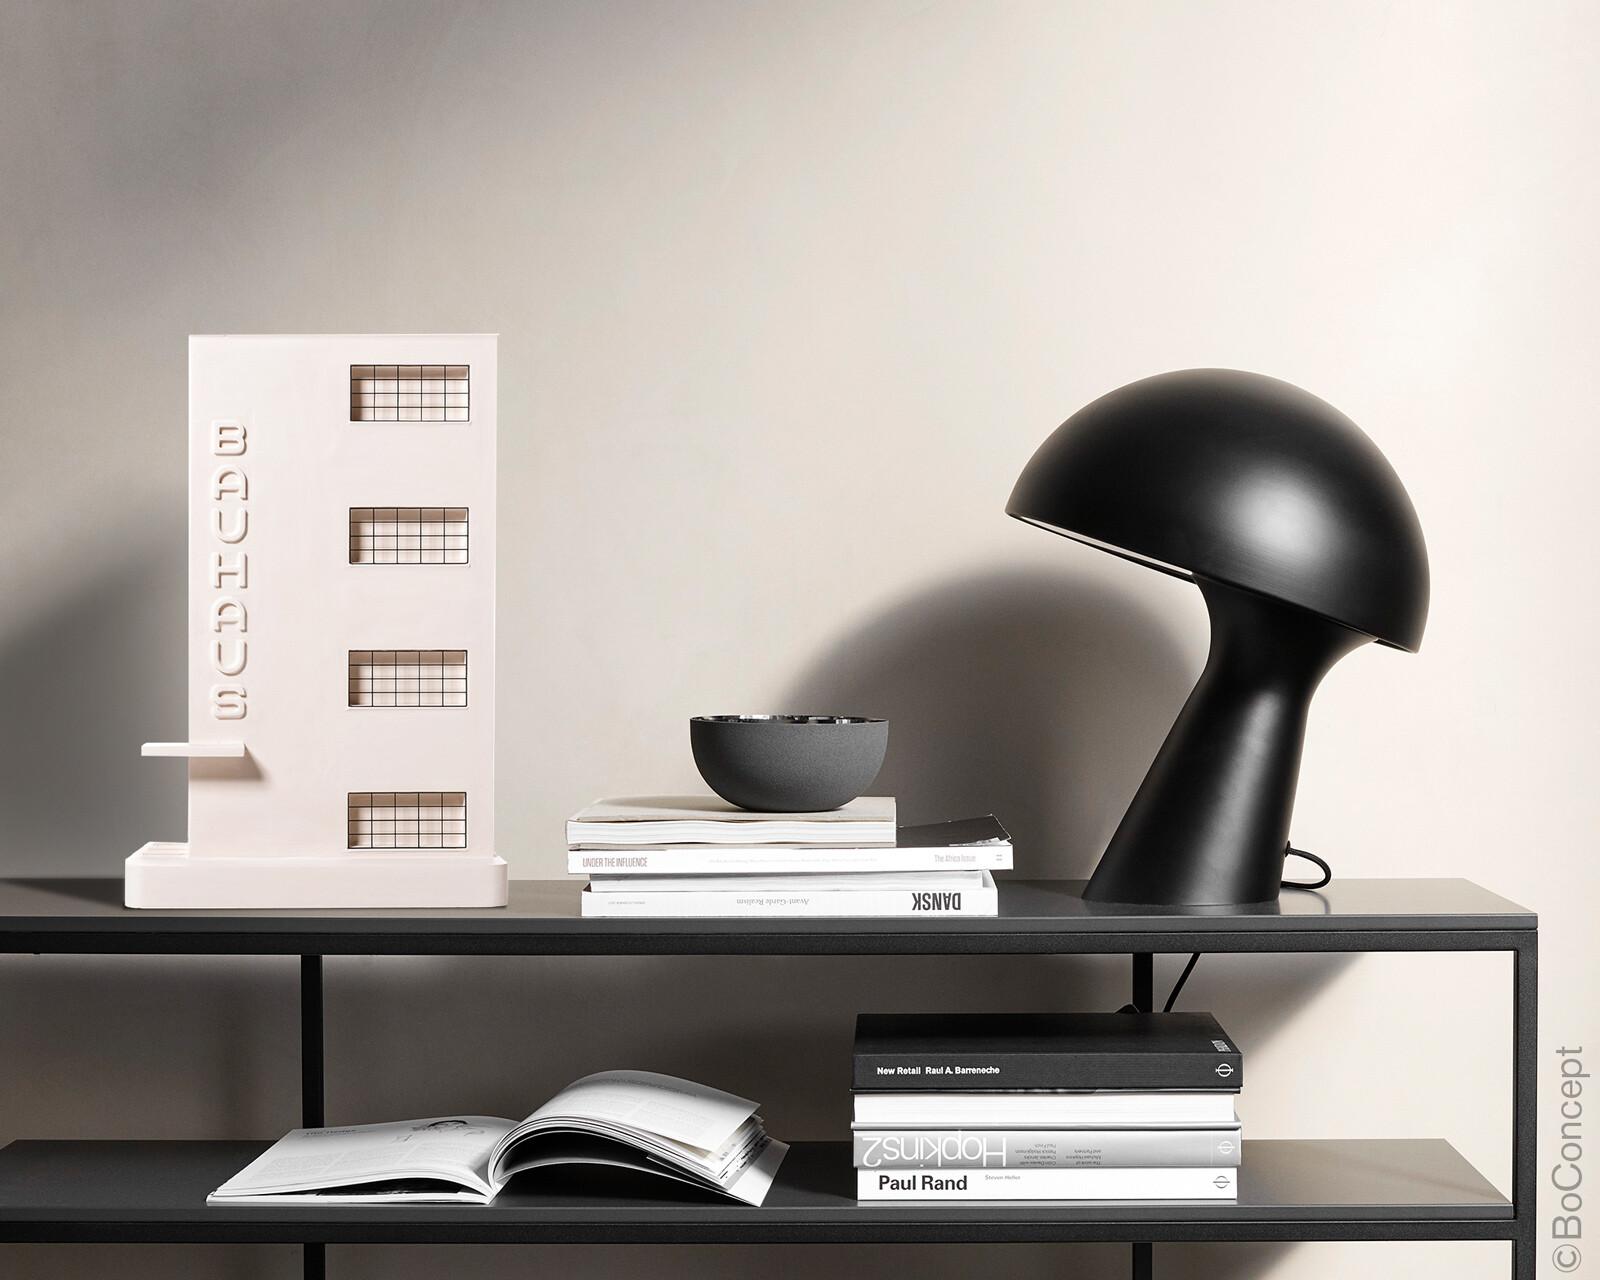 Bauhaus Dessau - Chisel & Mouse